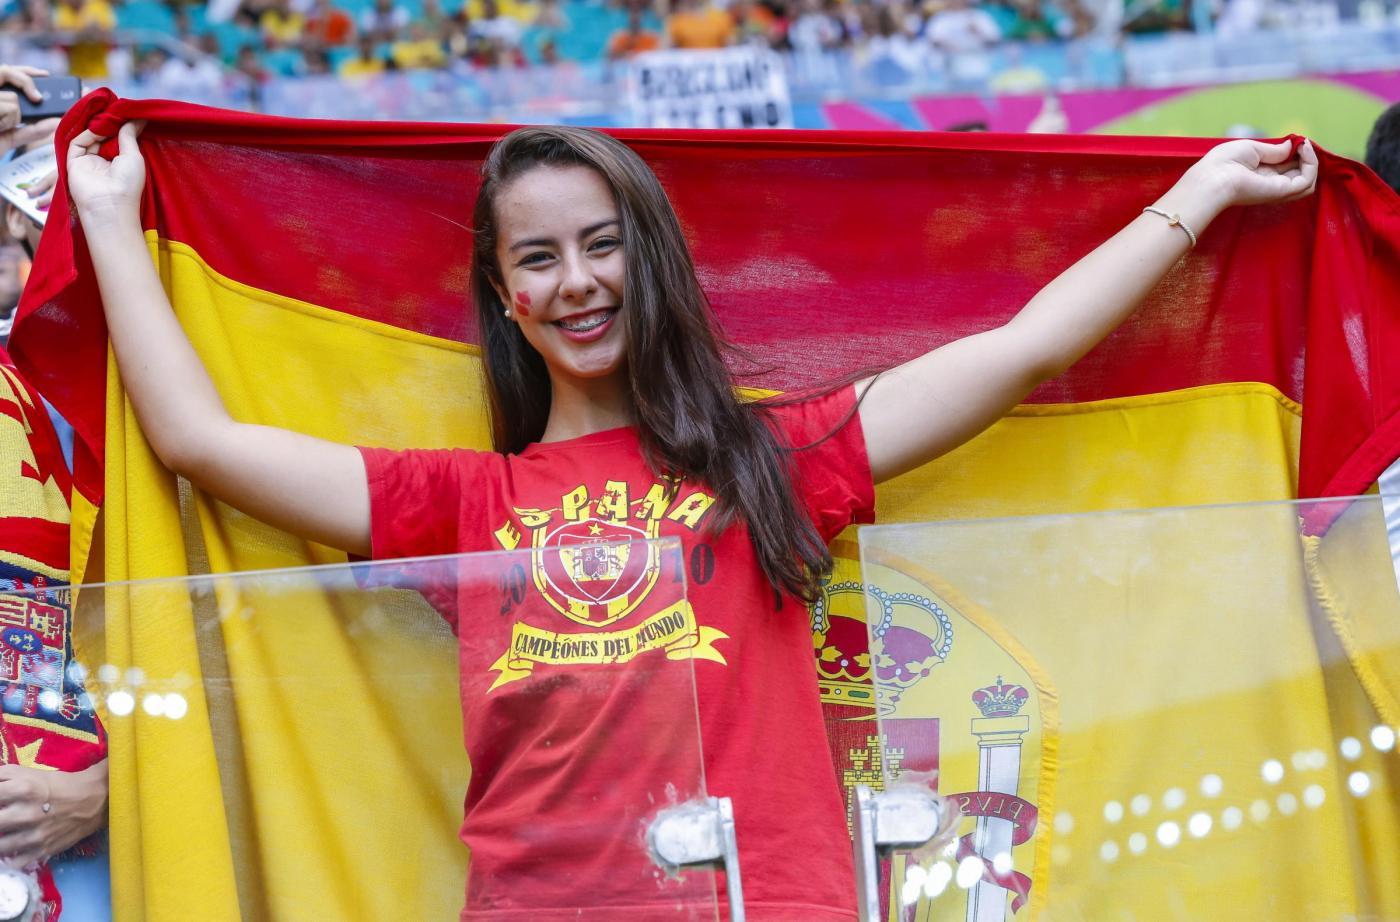 Rapido de Bouzas-Unionistas de Salamanca 5 settembre: si gioca per i 128 esimi di finale della Coppa di Spagna. Ospiti favoriti.